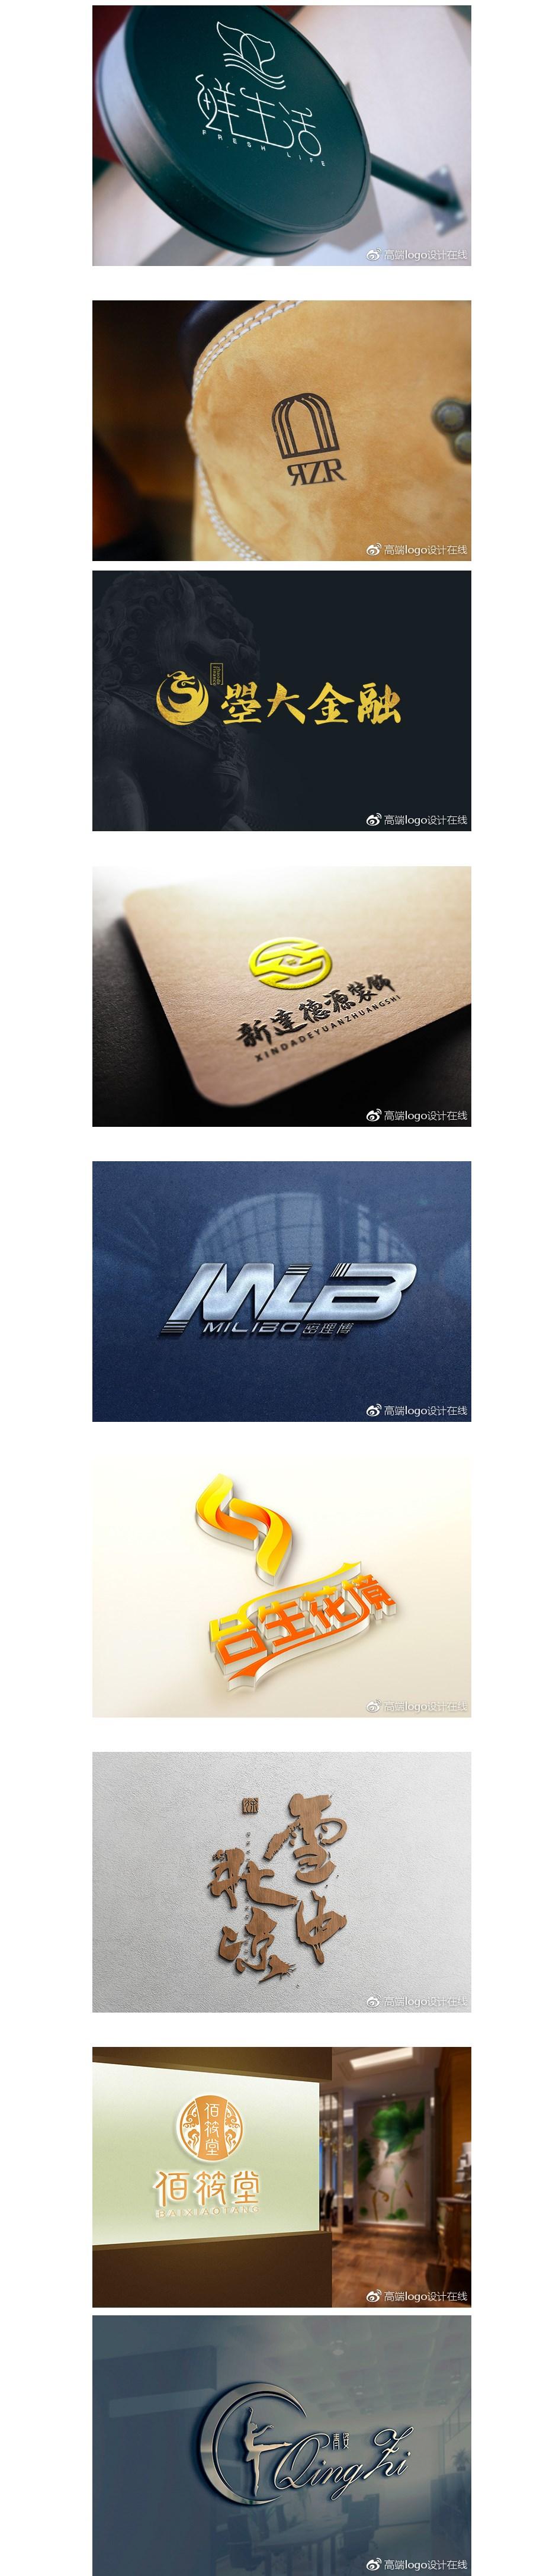 (内附彩蛋)面对主力消费人群变更的品牌压力,品牌logo设计与视觉呈现该何去何从